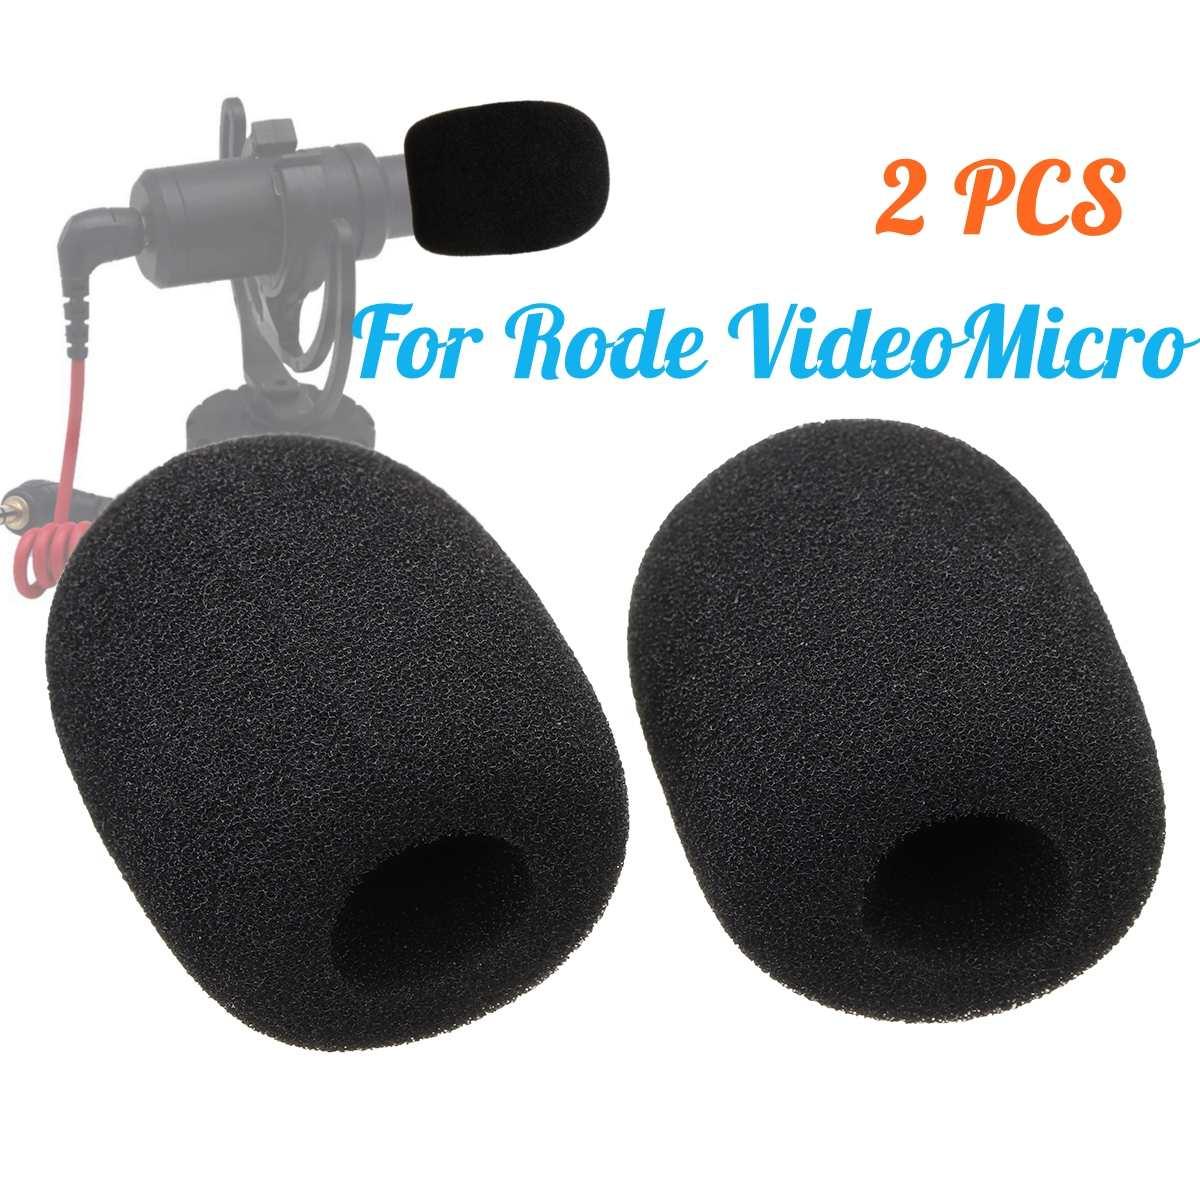 1 Paar Mikrofon Windschutzscheibe Schwamm Schaum Abdeckung Für Ritt Videomicro Audio